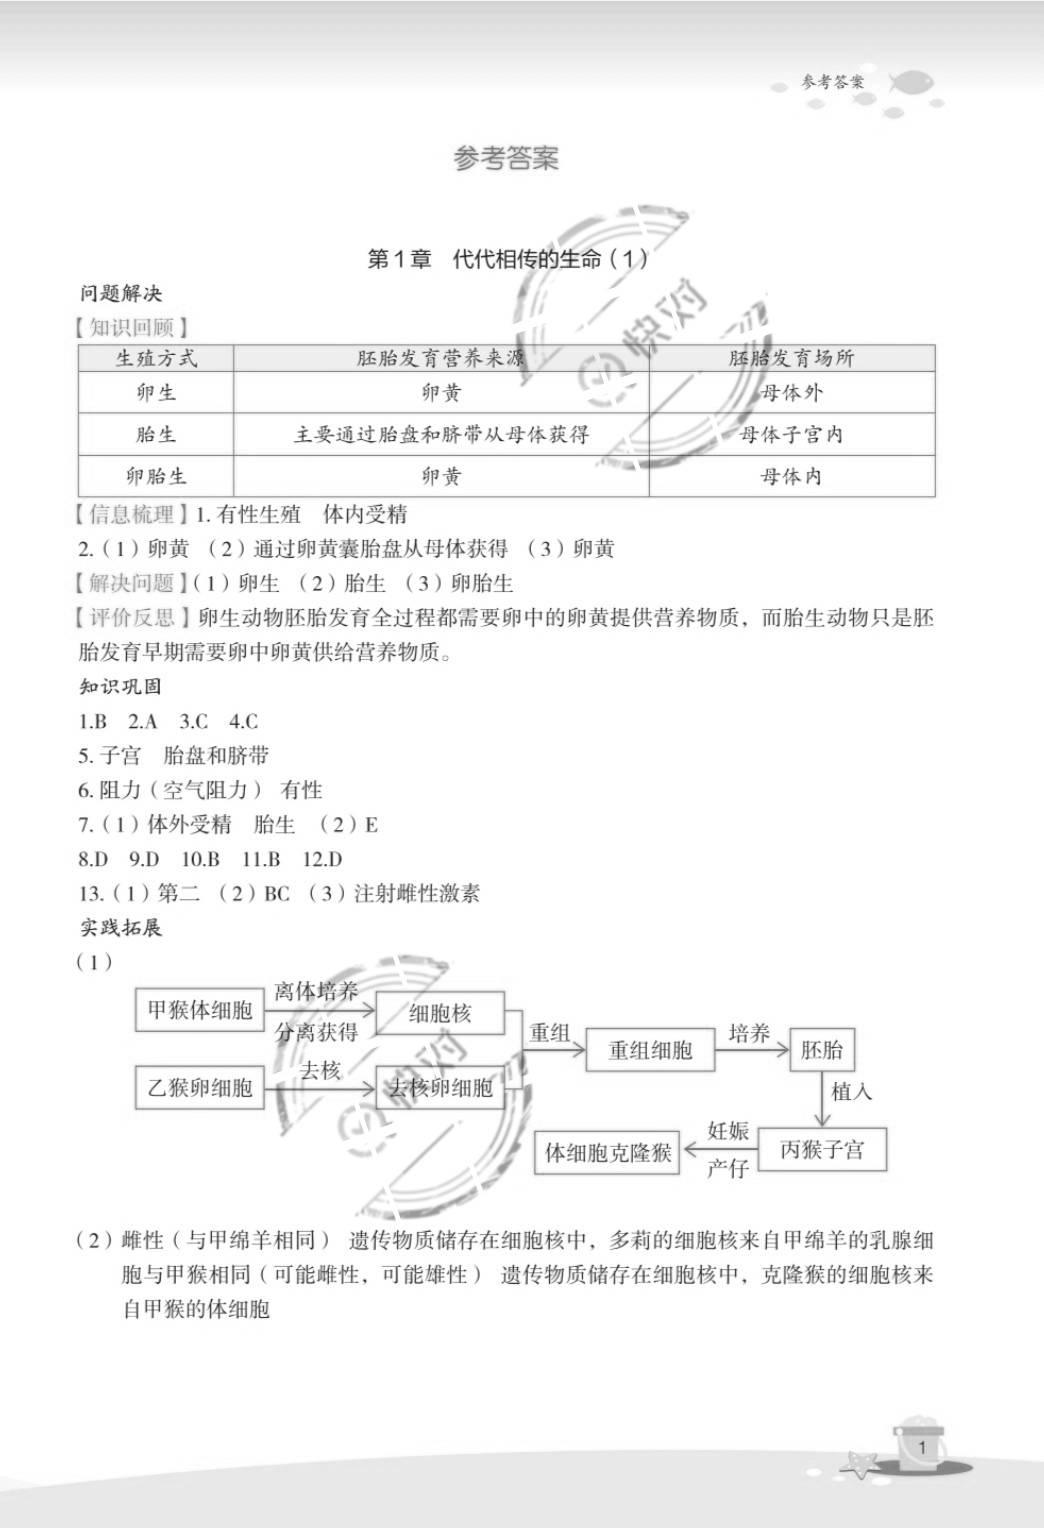 2020年快乐暑假玩转假期活动手册七年级科学通用版浙江教育出版社